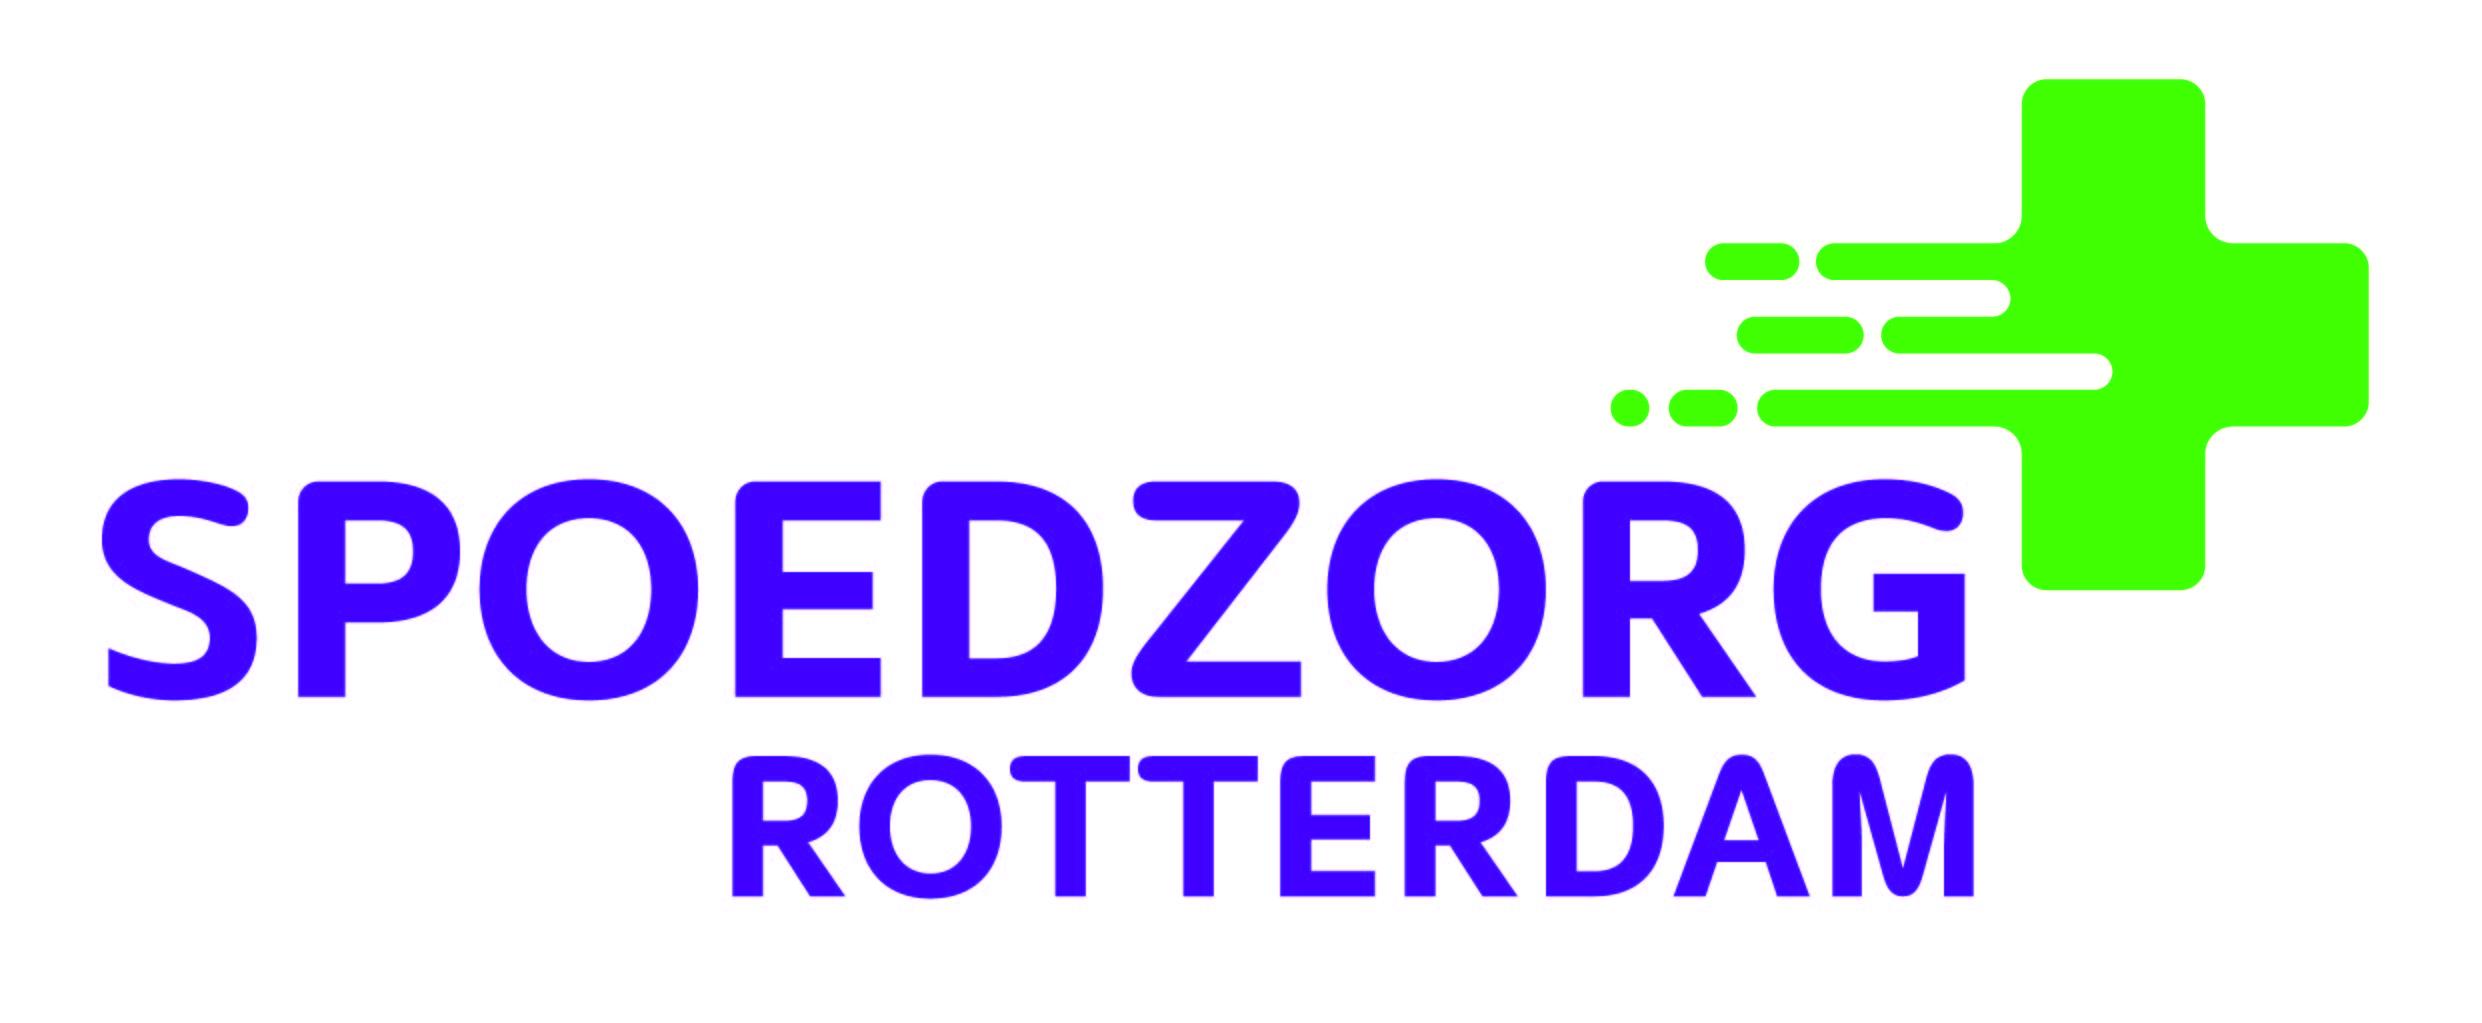 Spoedzorg Rotterdam van start!